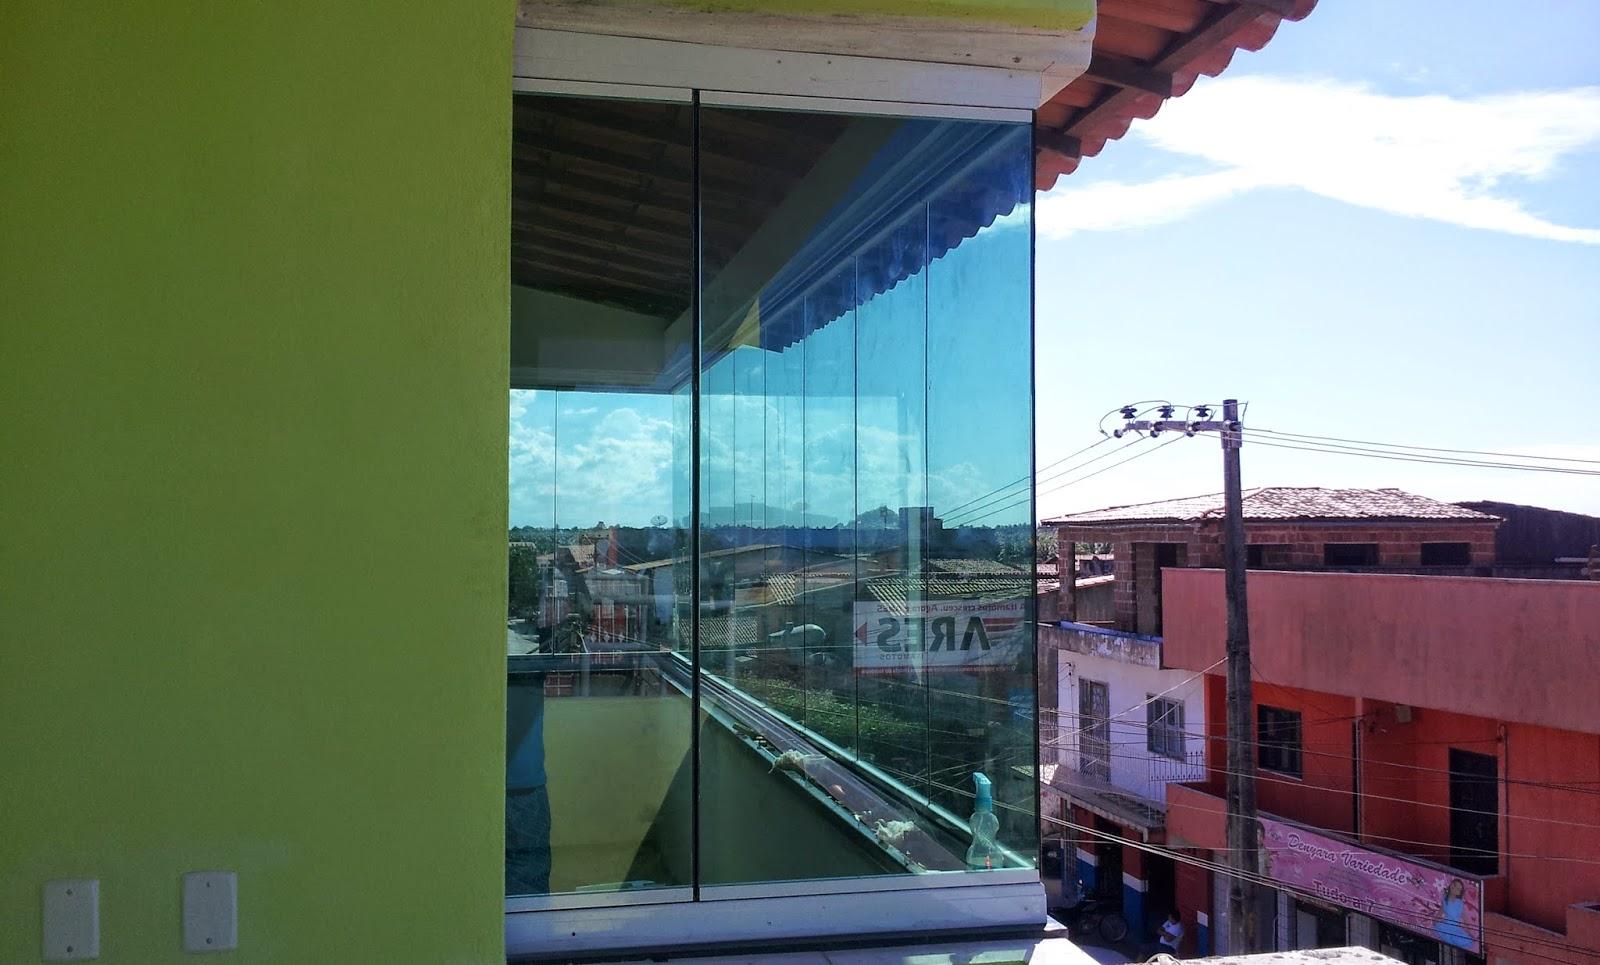 #1979B2 Criativo Vidraçaria: Cortina de vidro em Fortaleza 92 Janelas De Vidro Em Fortaleza Ce